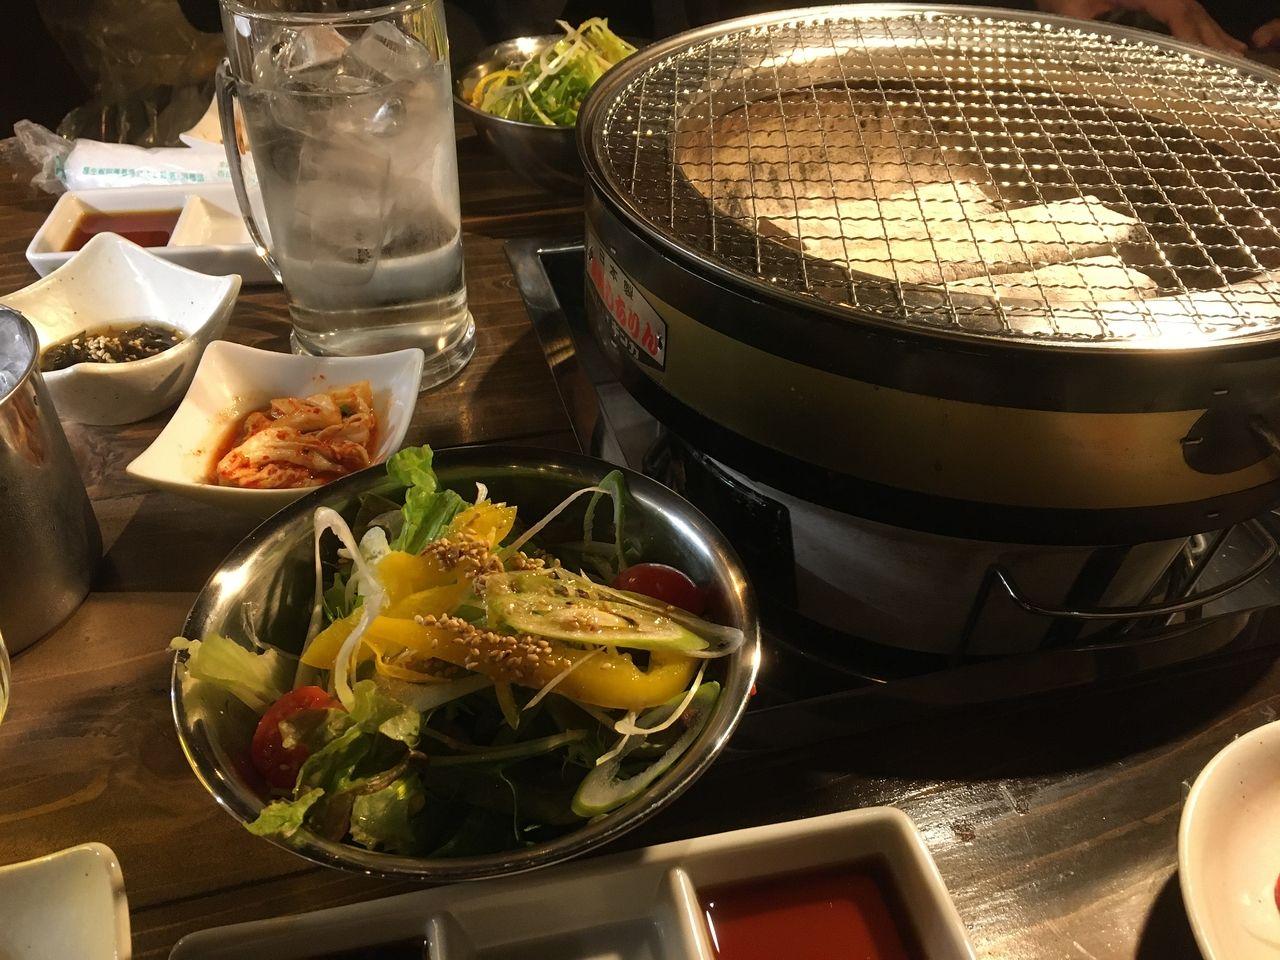 ご飯、キムチ、サラダ、味噌汁、小鉢のついたセット